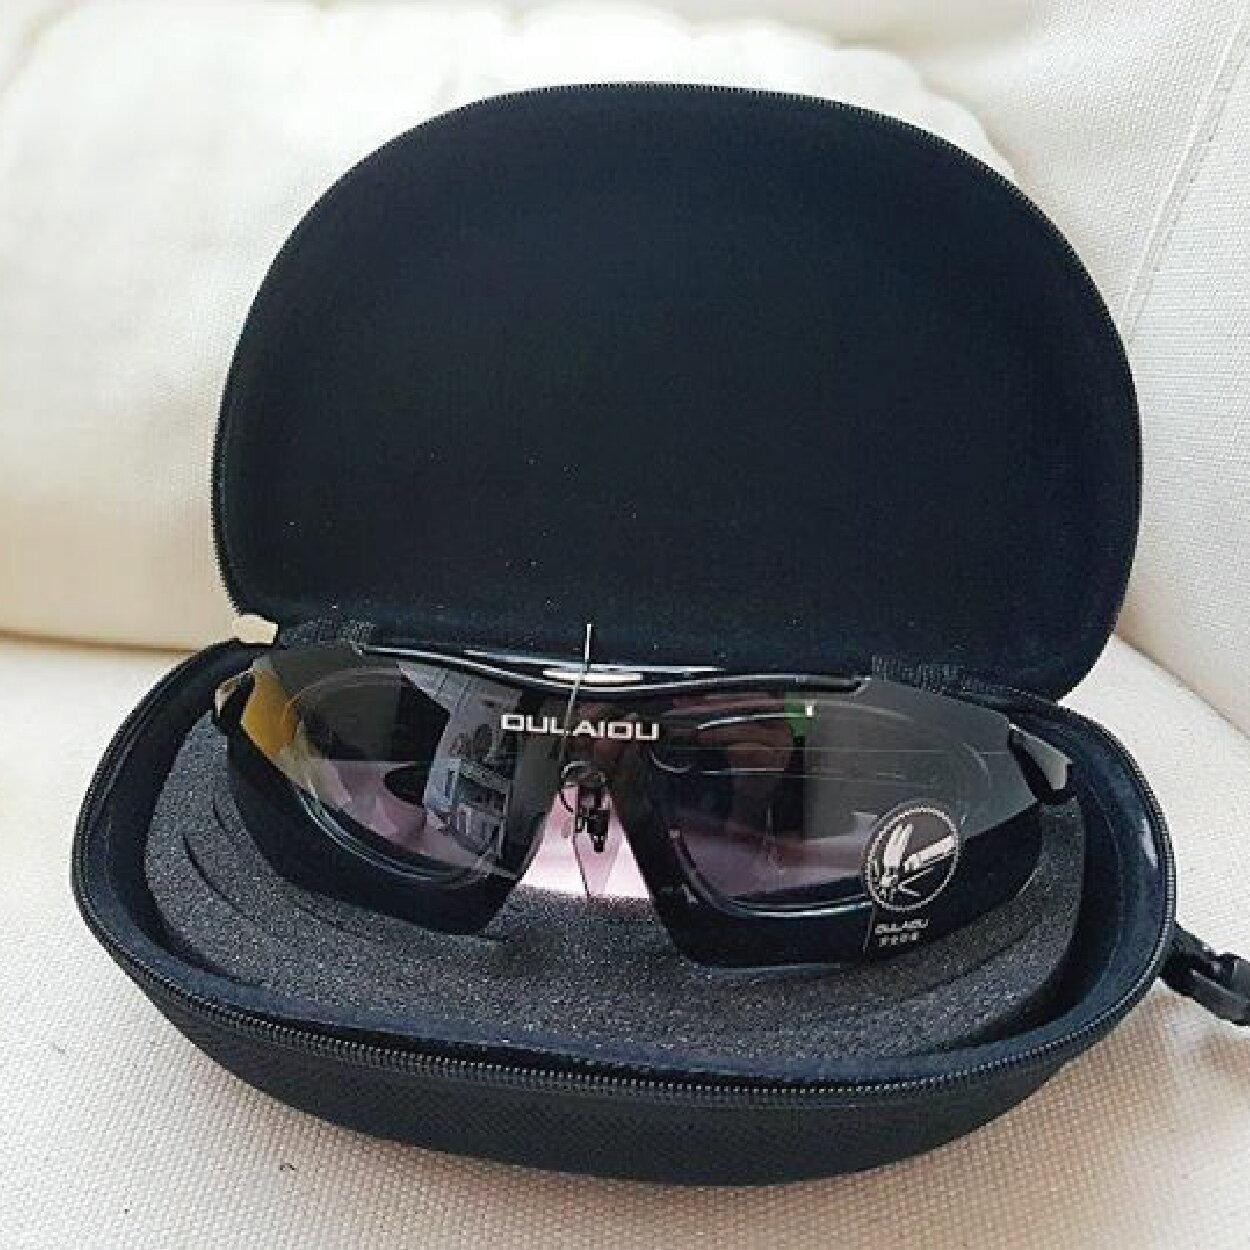 美麗大街【BK106012304】近視可用 自行車專用抗爆防uv運動眼鏡 七件組 [含眼鏡 近視框 四組鏡片 眼鏡盒 試鏡布]